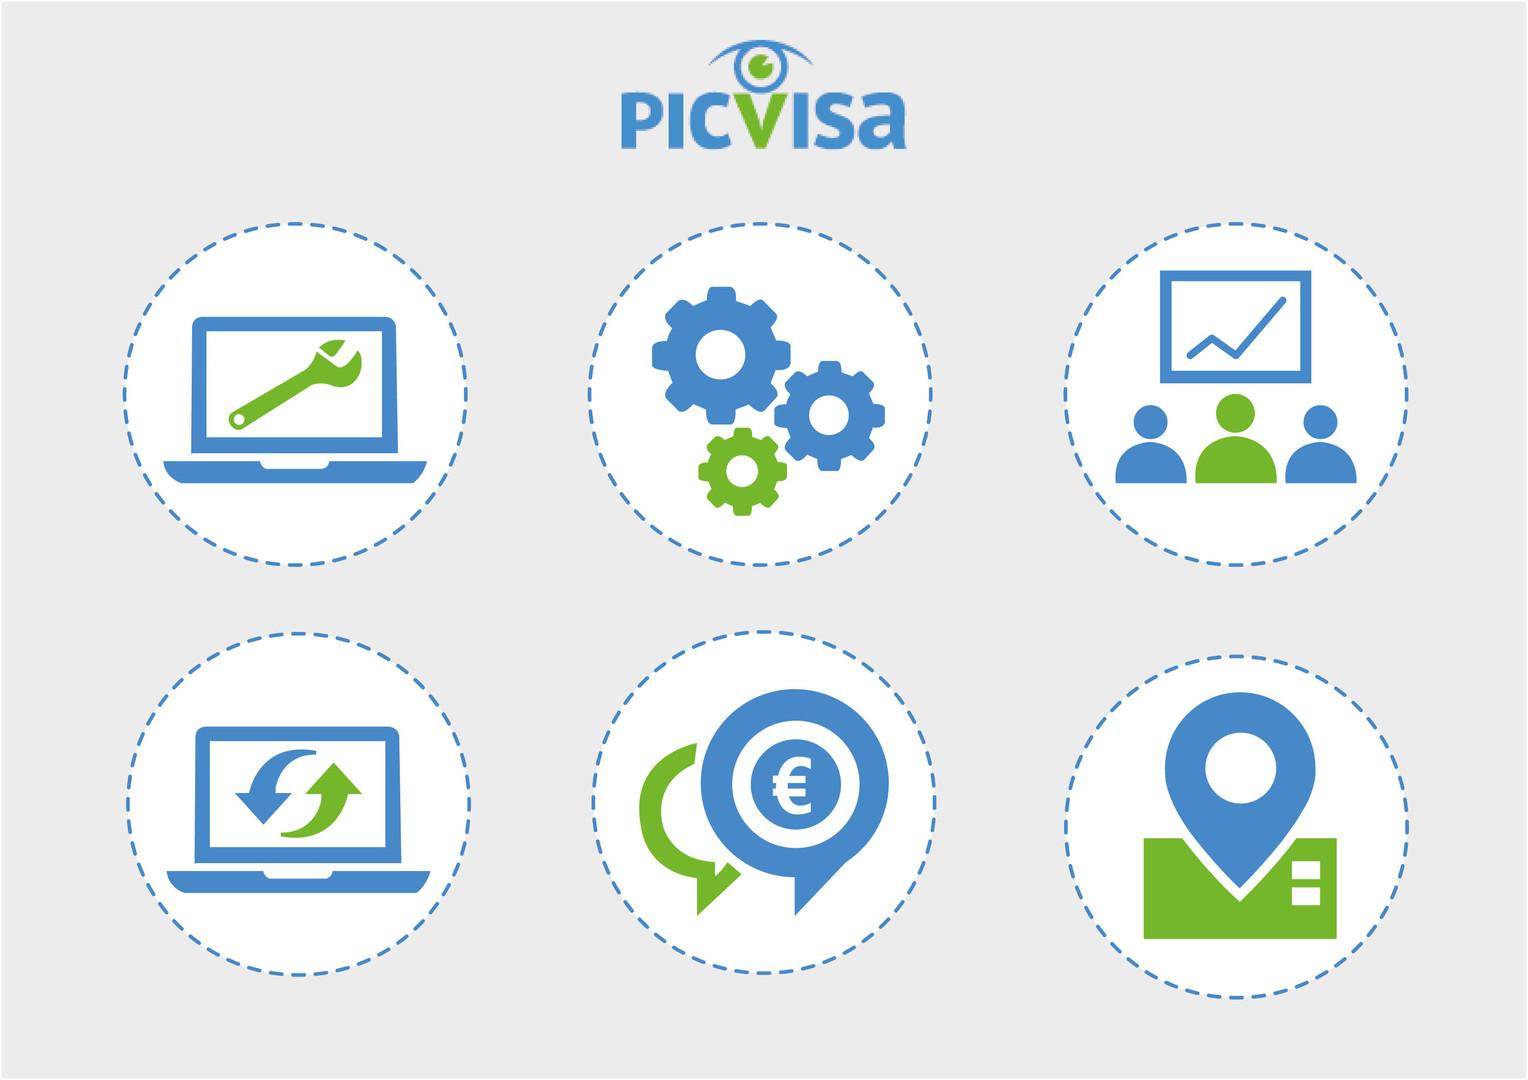 Picvisa Icons